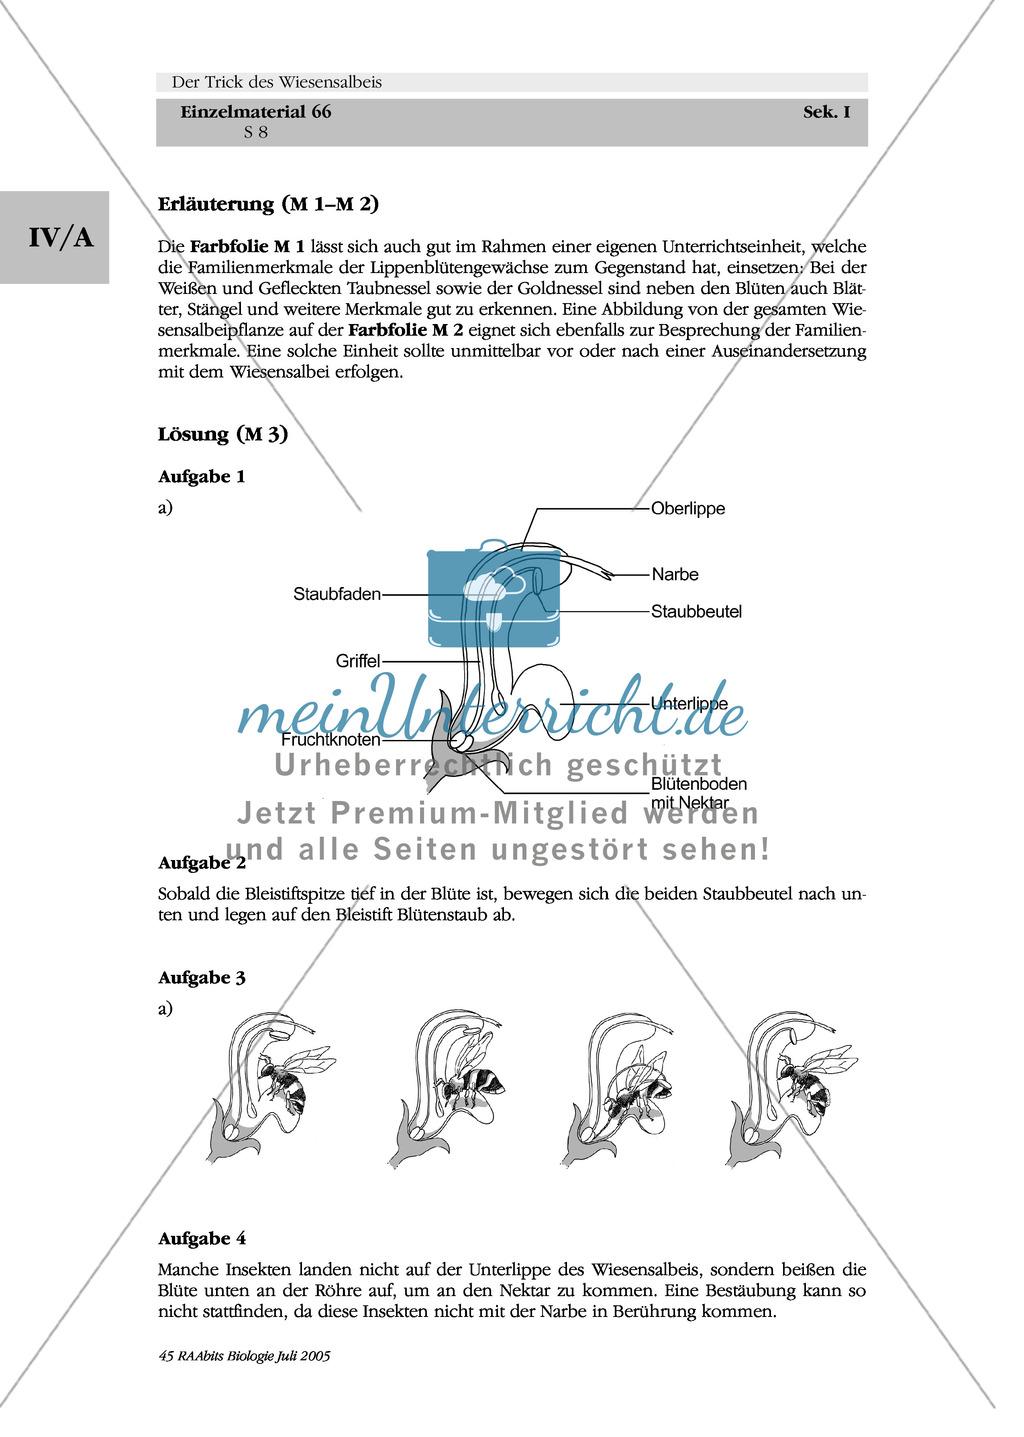 Wiesensalbei - ein Vertreter der Lippenblütler: Lage der Ober- und Unterlippe der Blüte + Bestäubungsmechanismus Preview 4